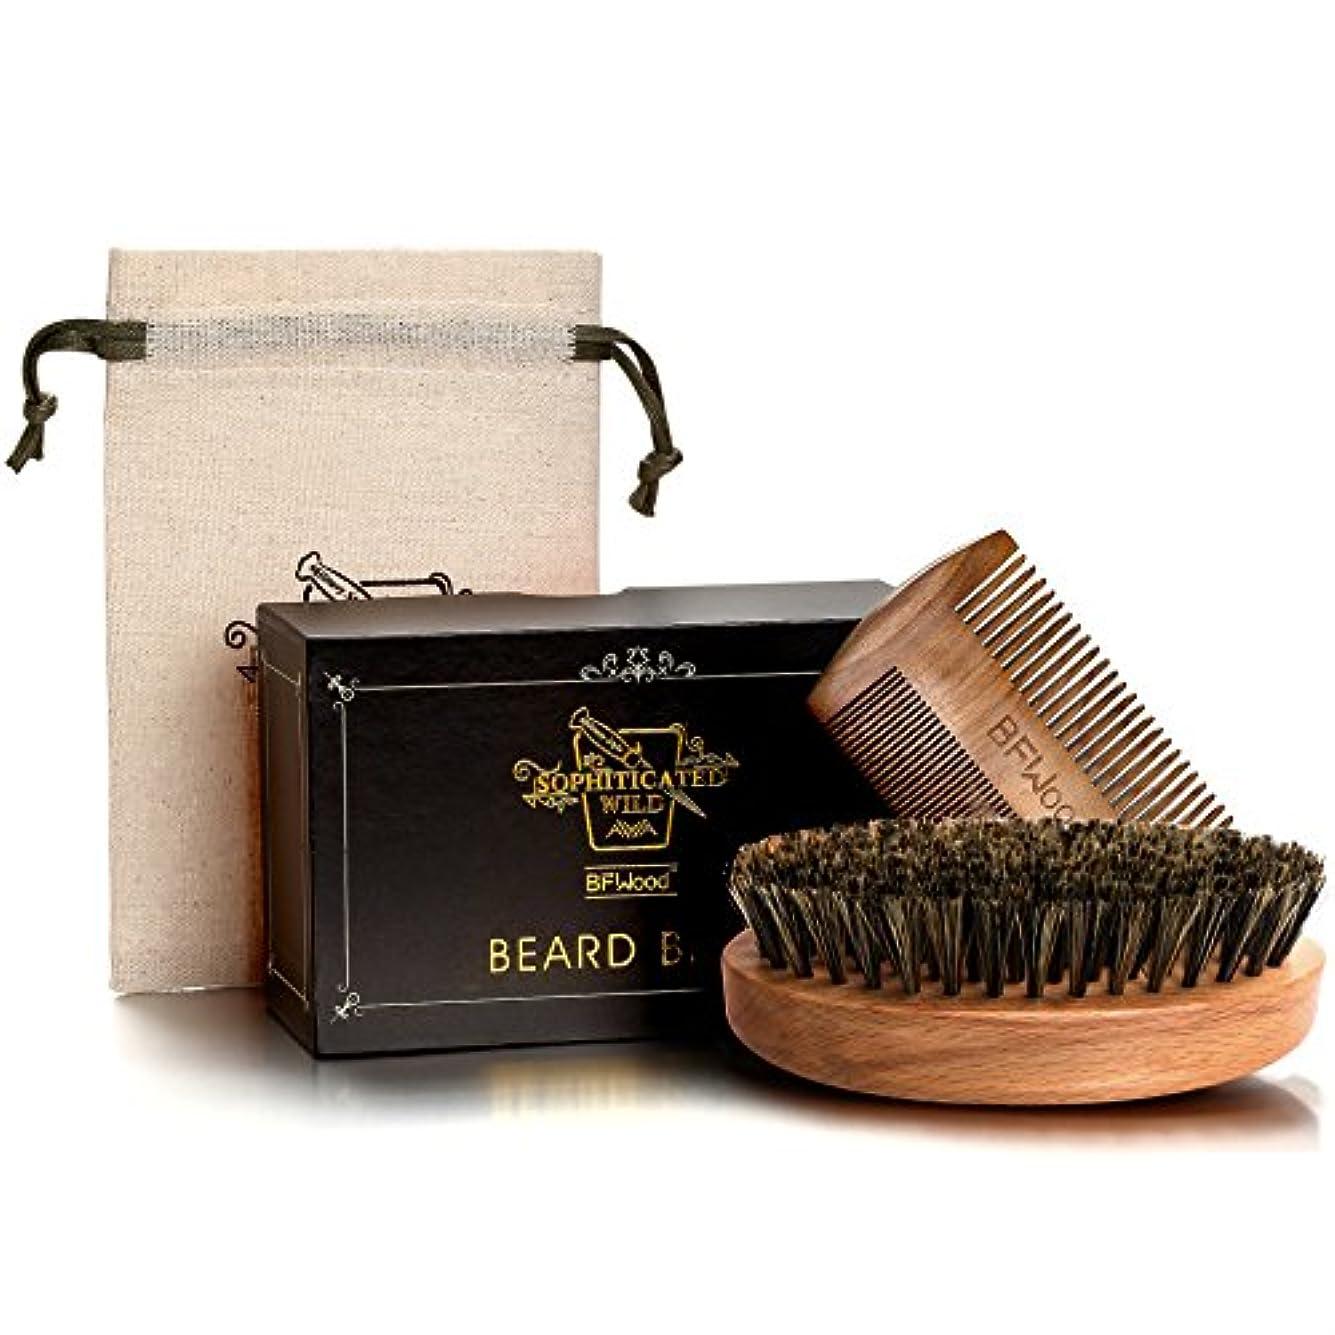 愛国的な設計獣BFWood Beard Brush Set 豚毛髭ブラシと木製コム アメリカミリタリースタイル (ブラシとコムセット)